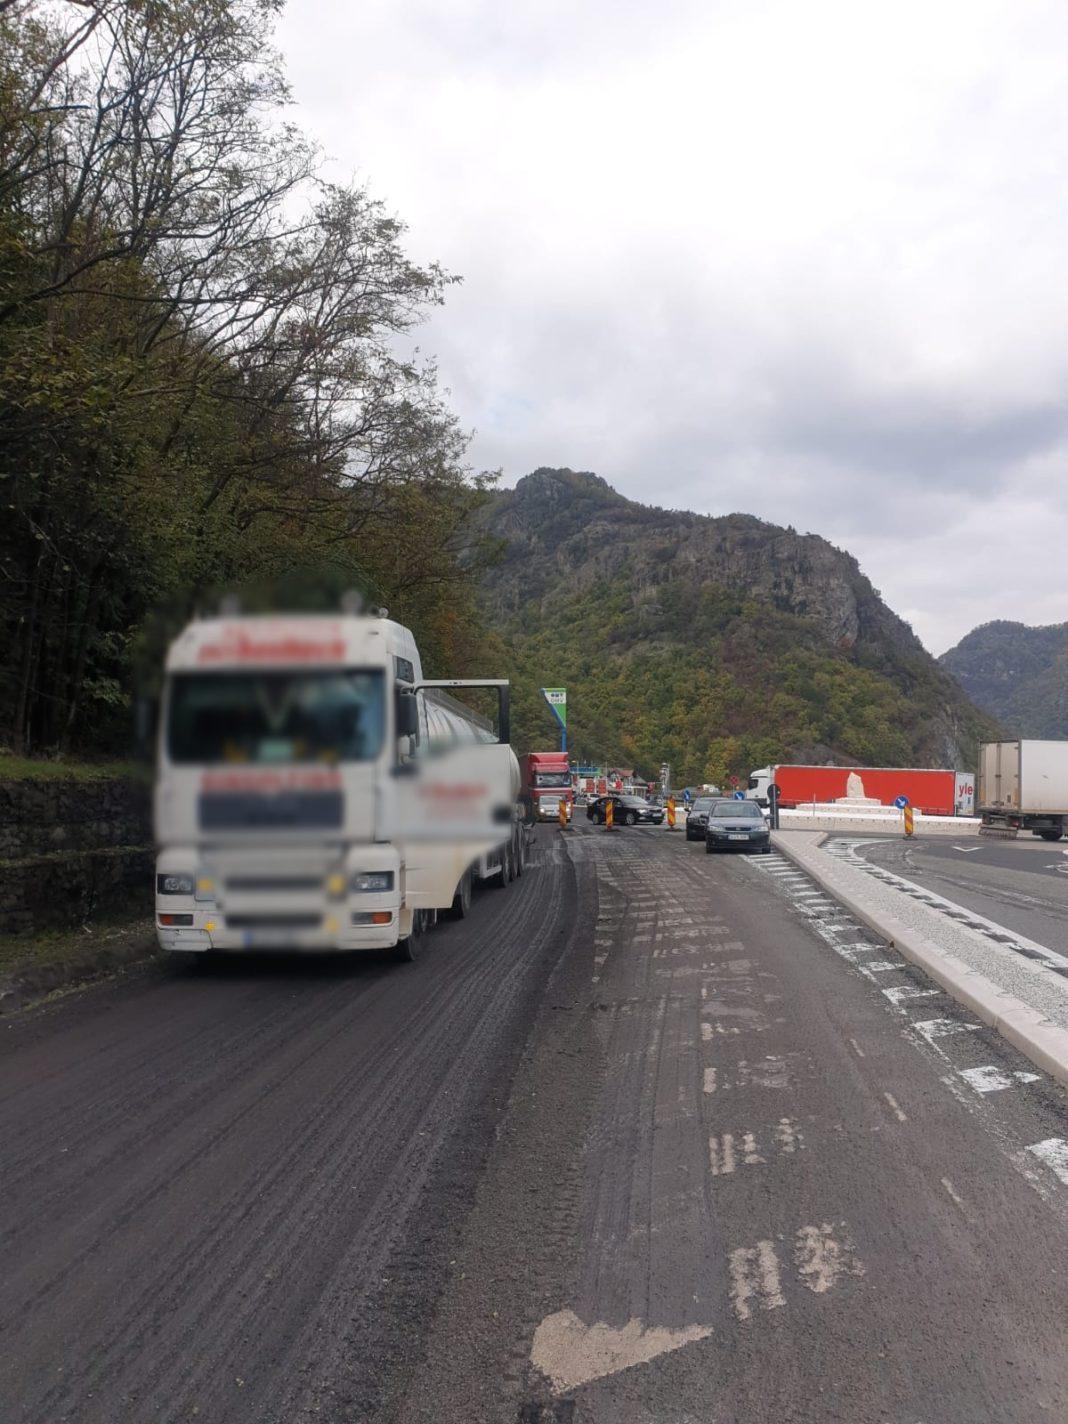 Se vor institui restricții de circulație pe DN 7, pe Valea Oltului, între localitățile Călimănești-Câineni, în perioada 29 martie - 30 iunie